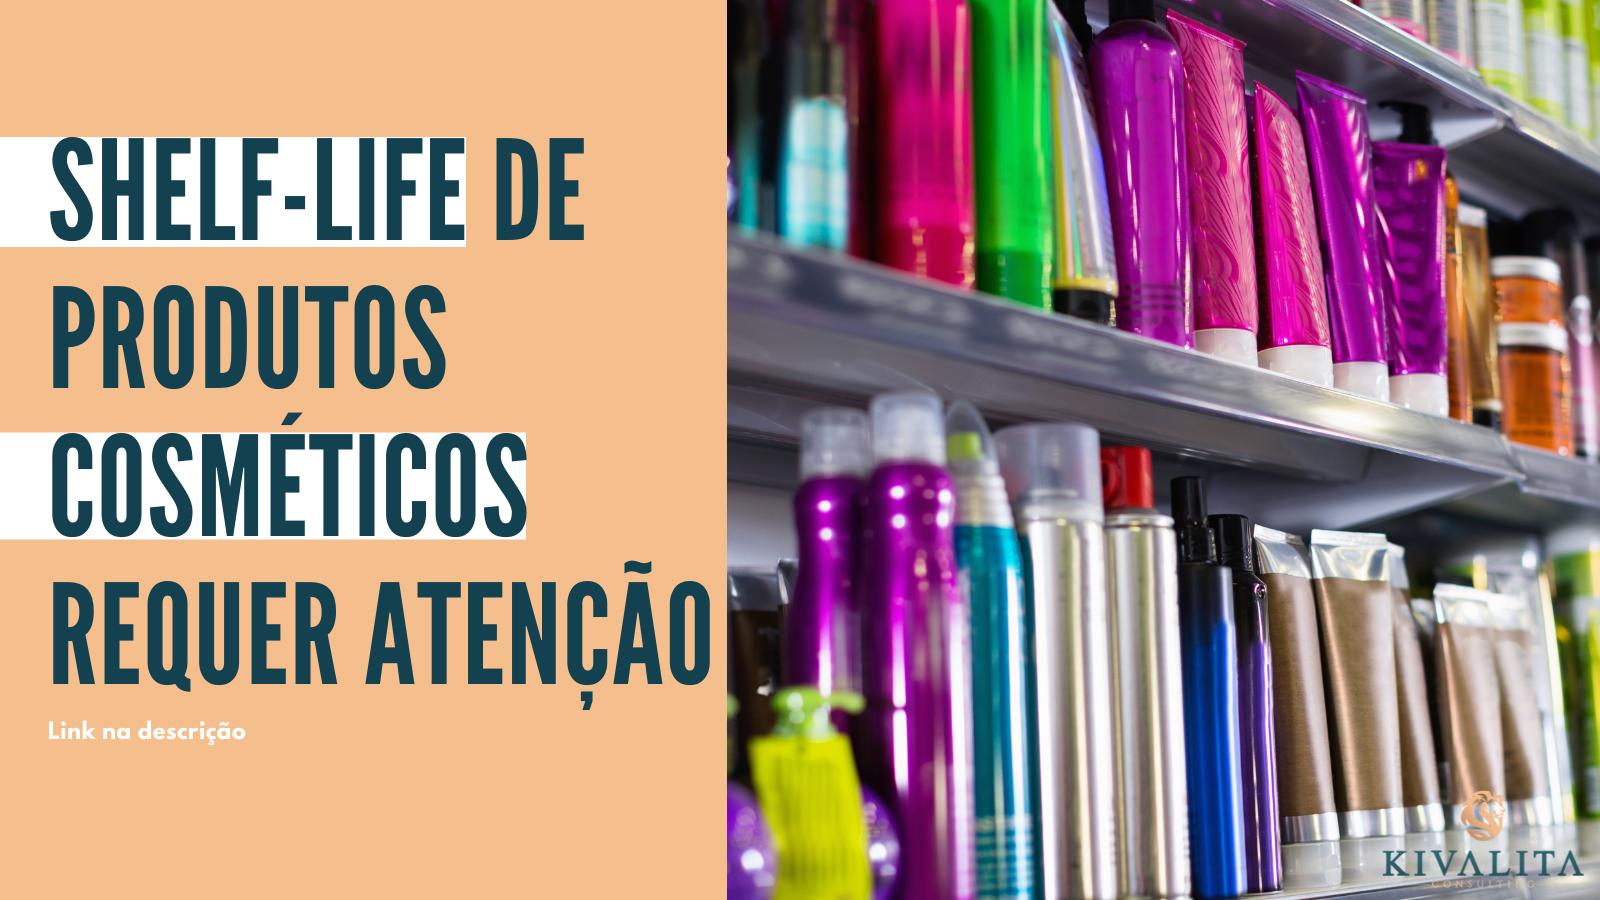 Shelf-life de produtos cosméticos requer atenção